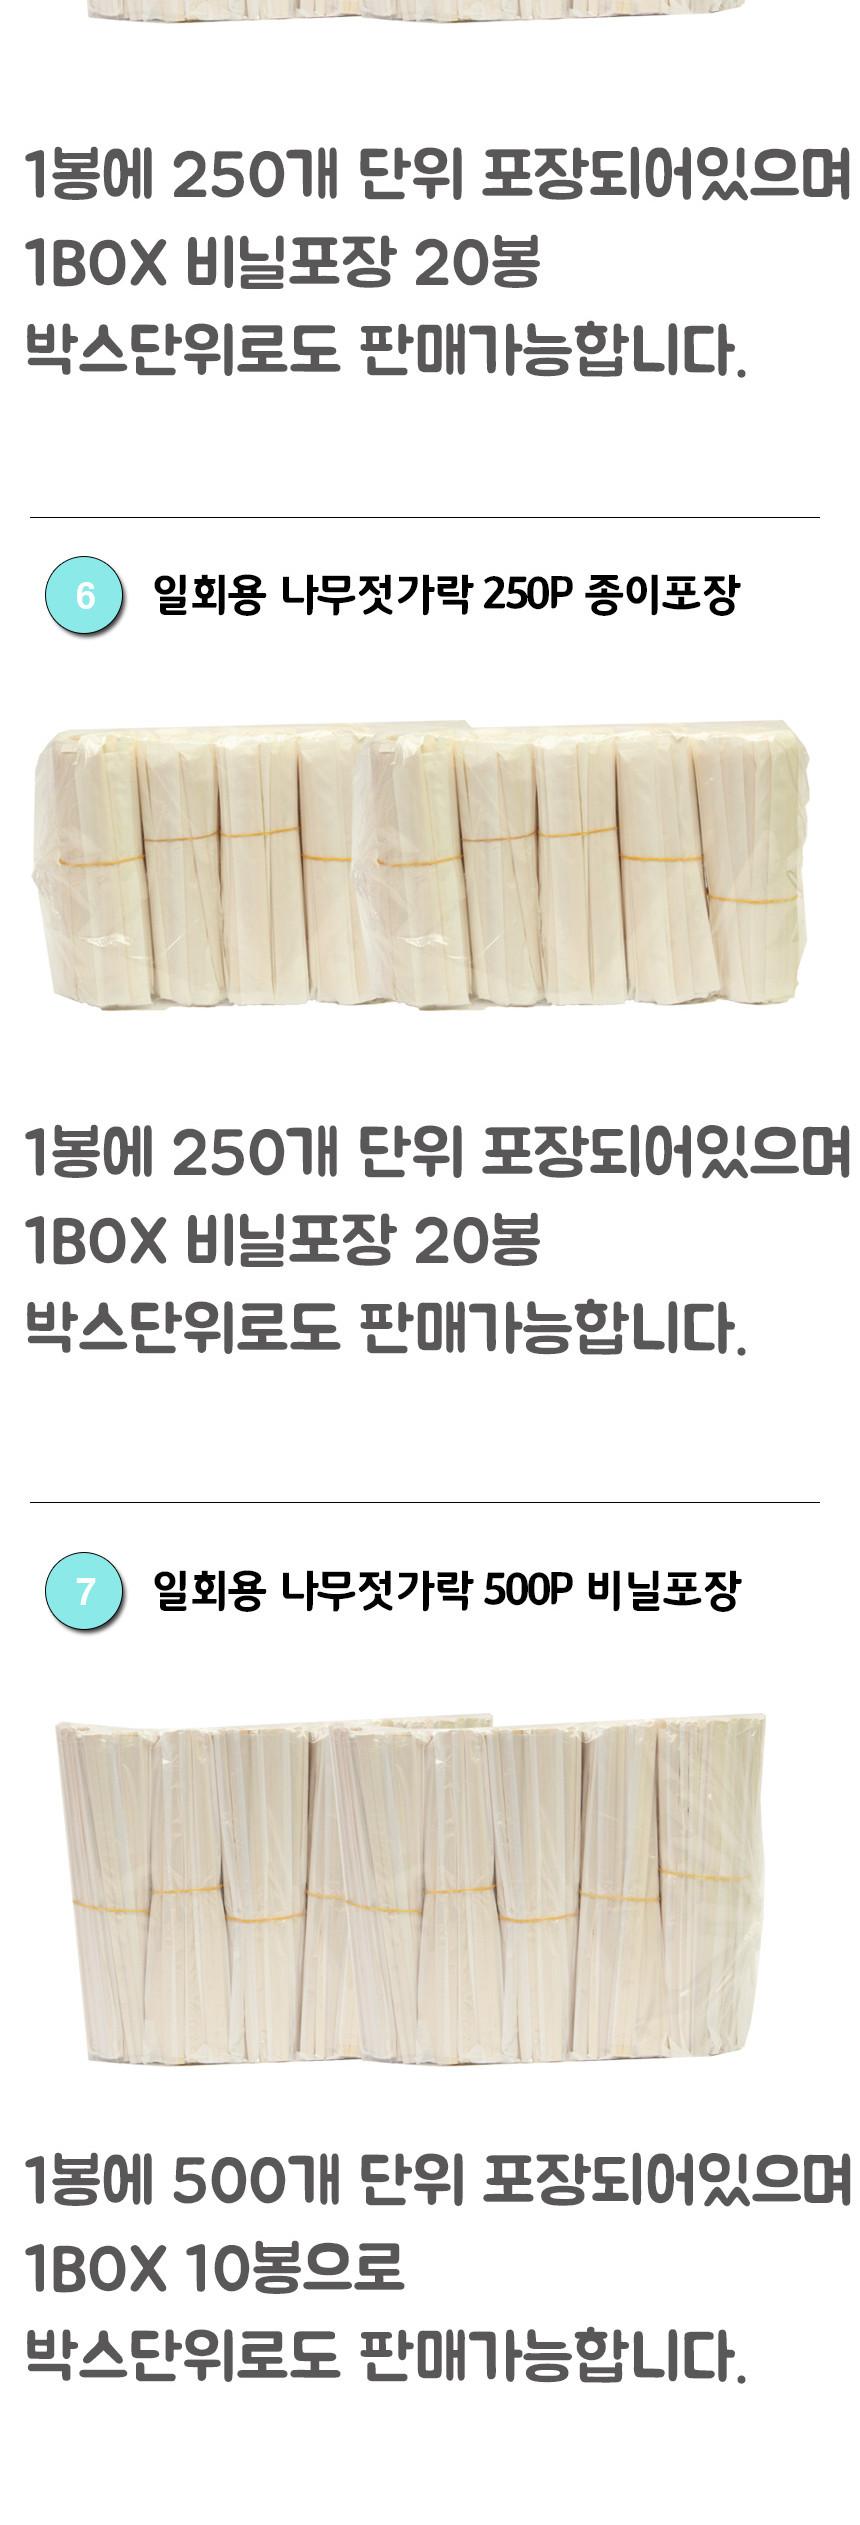 일회용 나무젓가락 500p 비닐포장 8개 일회용젓가락  일회용젓가락 야외용젓가락 튼튼한나무젓가락 고급나무젓가락 1회용젓가락